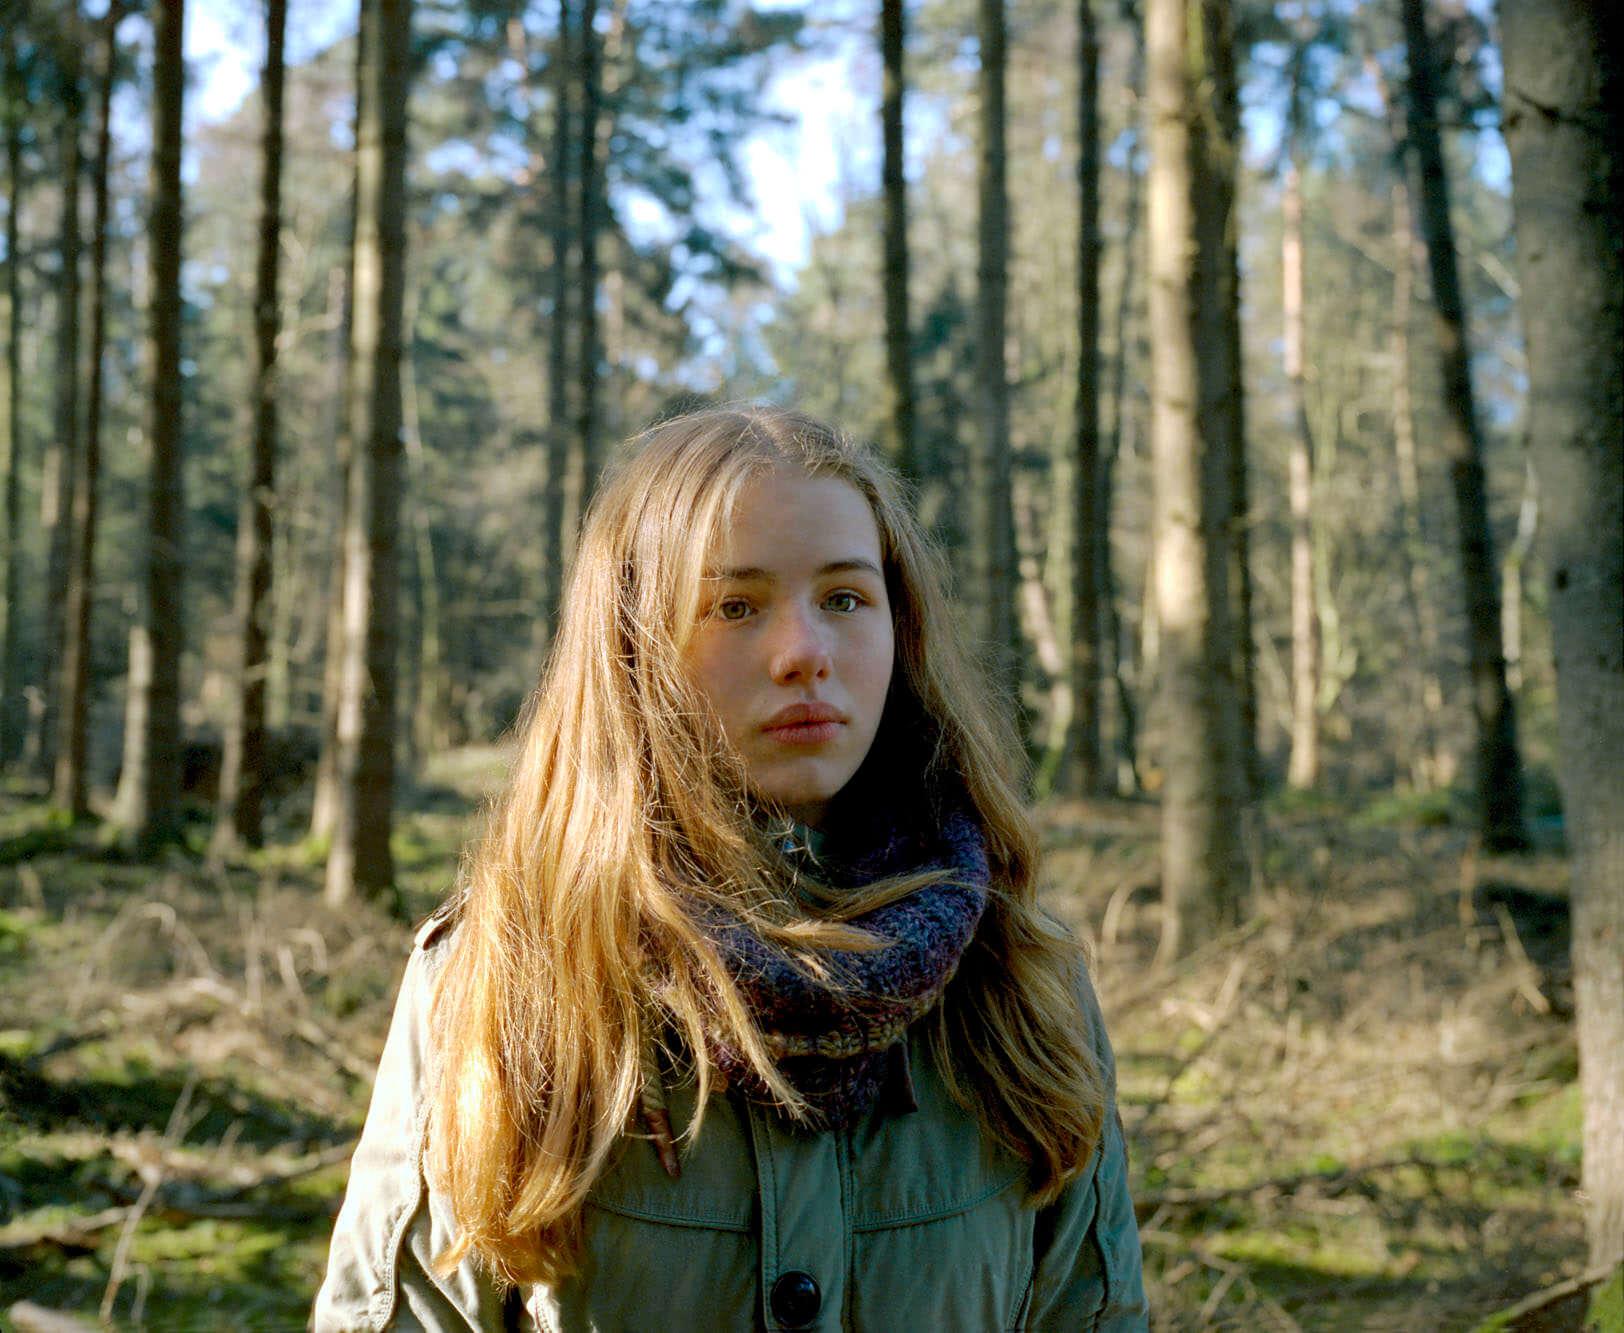 50_woodlandwonderland_13 Kopie_1